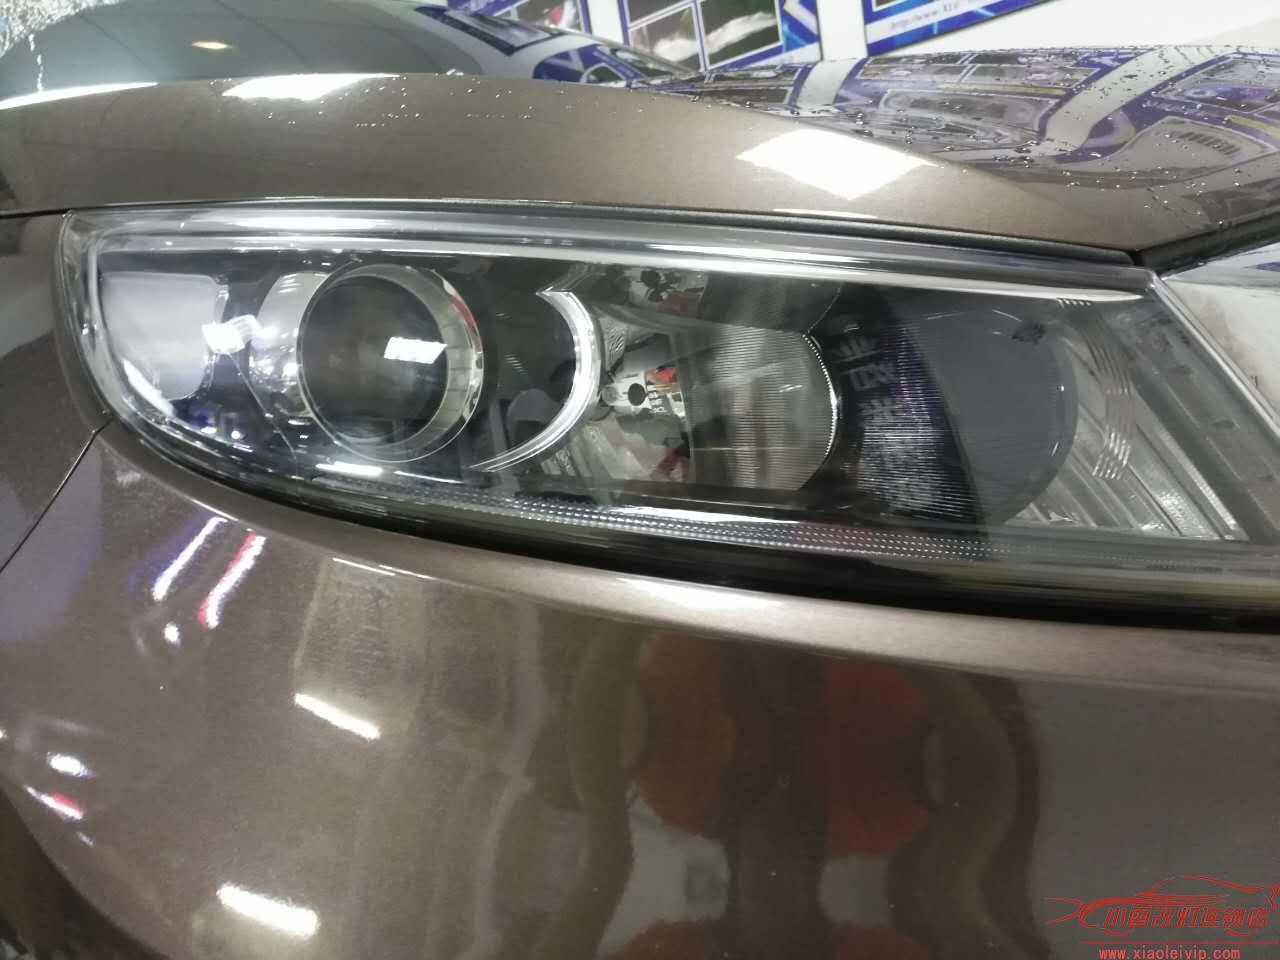 车灯升级实例 | 【小雷改灯】长沙店 起亚智跑升级海拉五双光透镜+欧司朗D3S安定飞利浦D3S灯泡